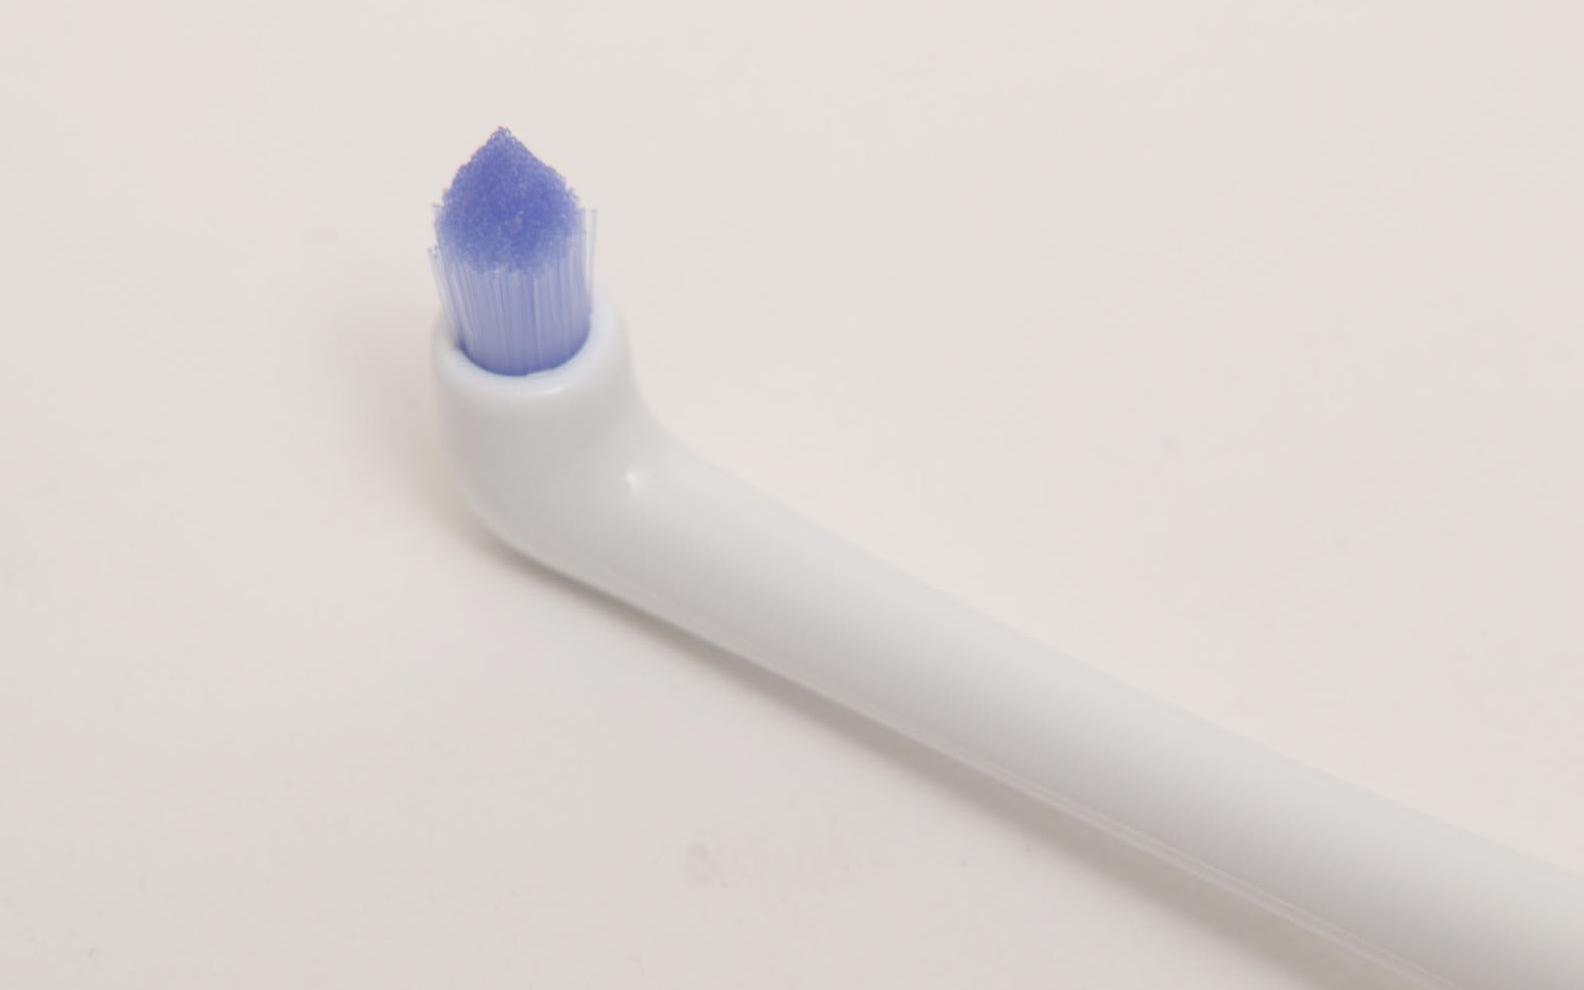 ポイント磨きブラシは、円柱状に密集したブラシの先をとがらせたもの。歯と歯の間や歯の根元(歯周ポケットより上)、奥歯の一番奥、歯並びの悪いところや矯正器具の周りを磨くのに便利。